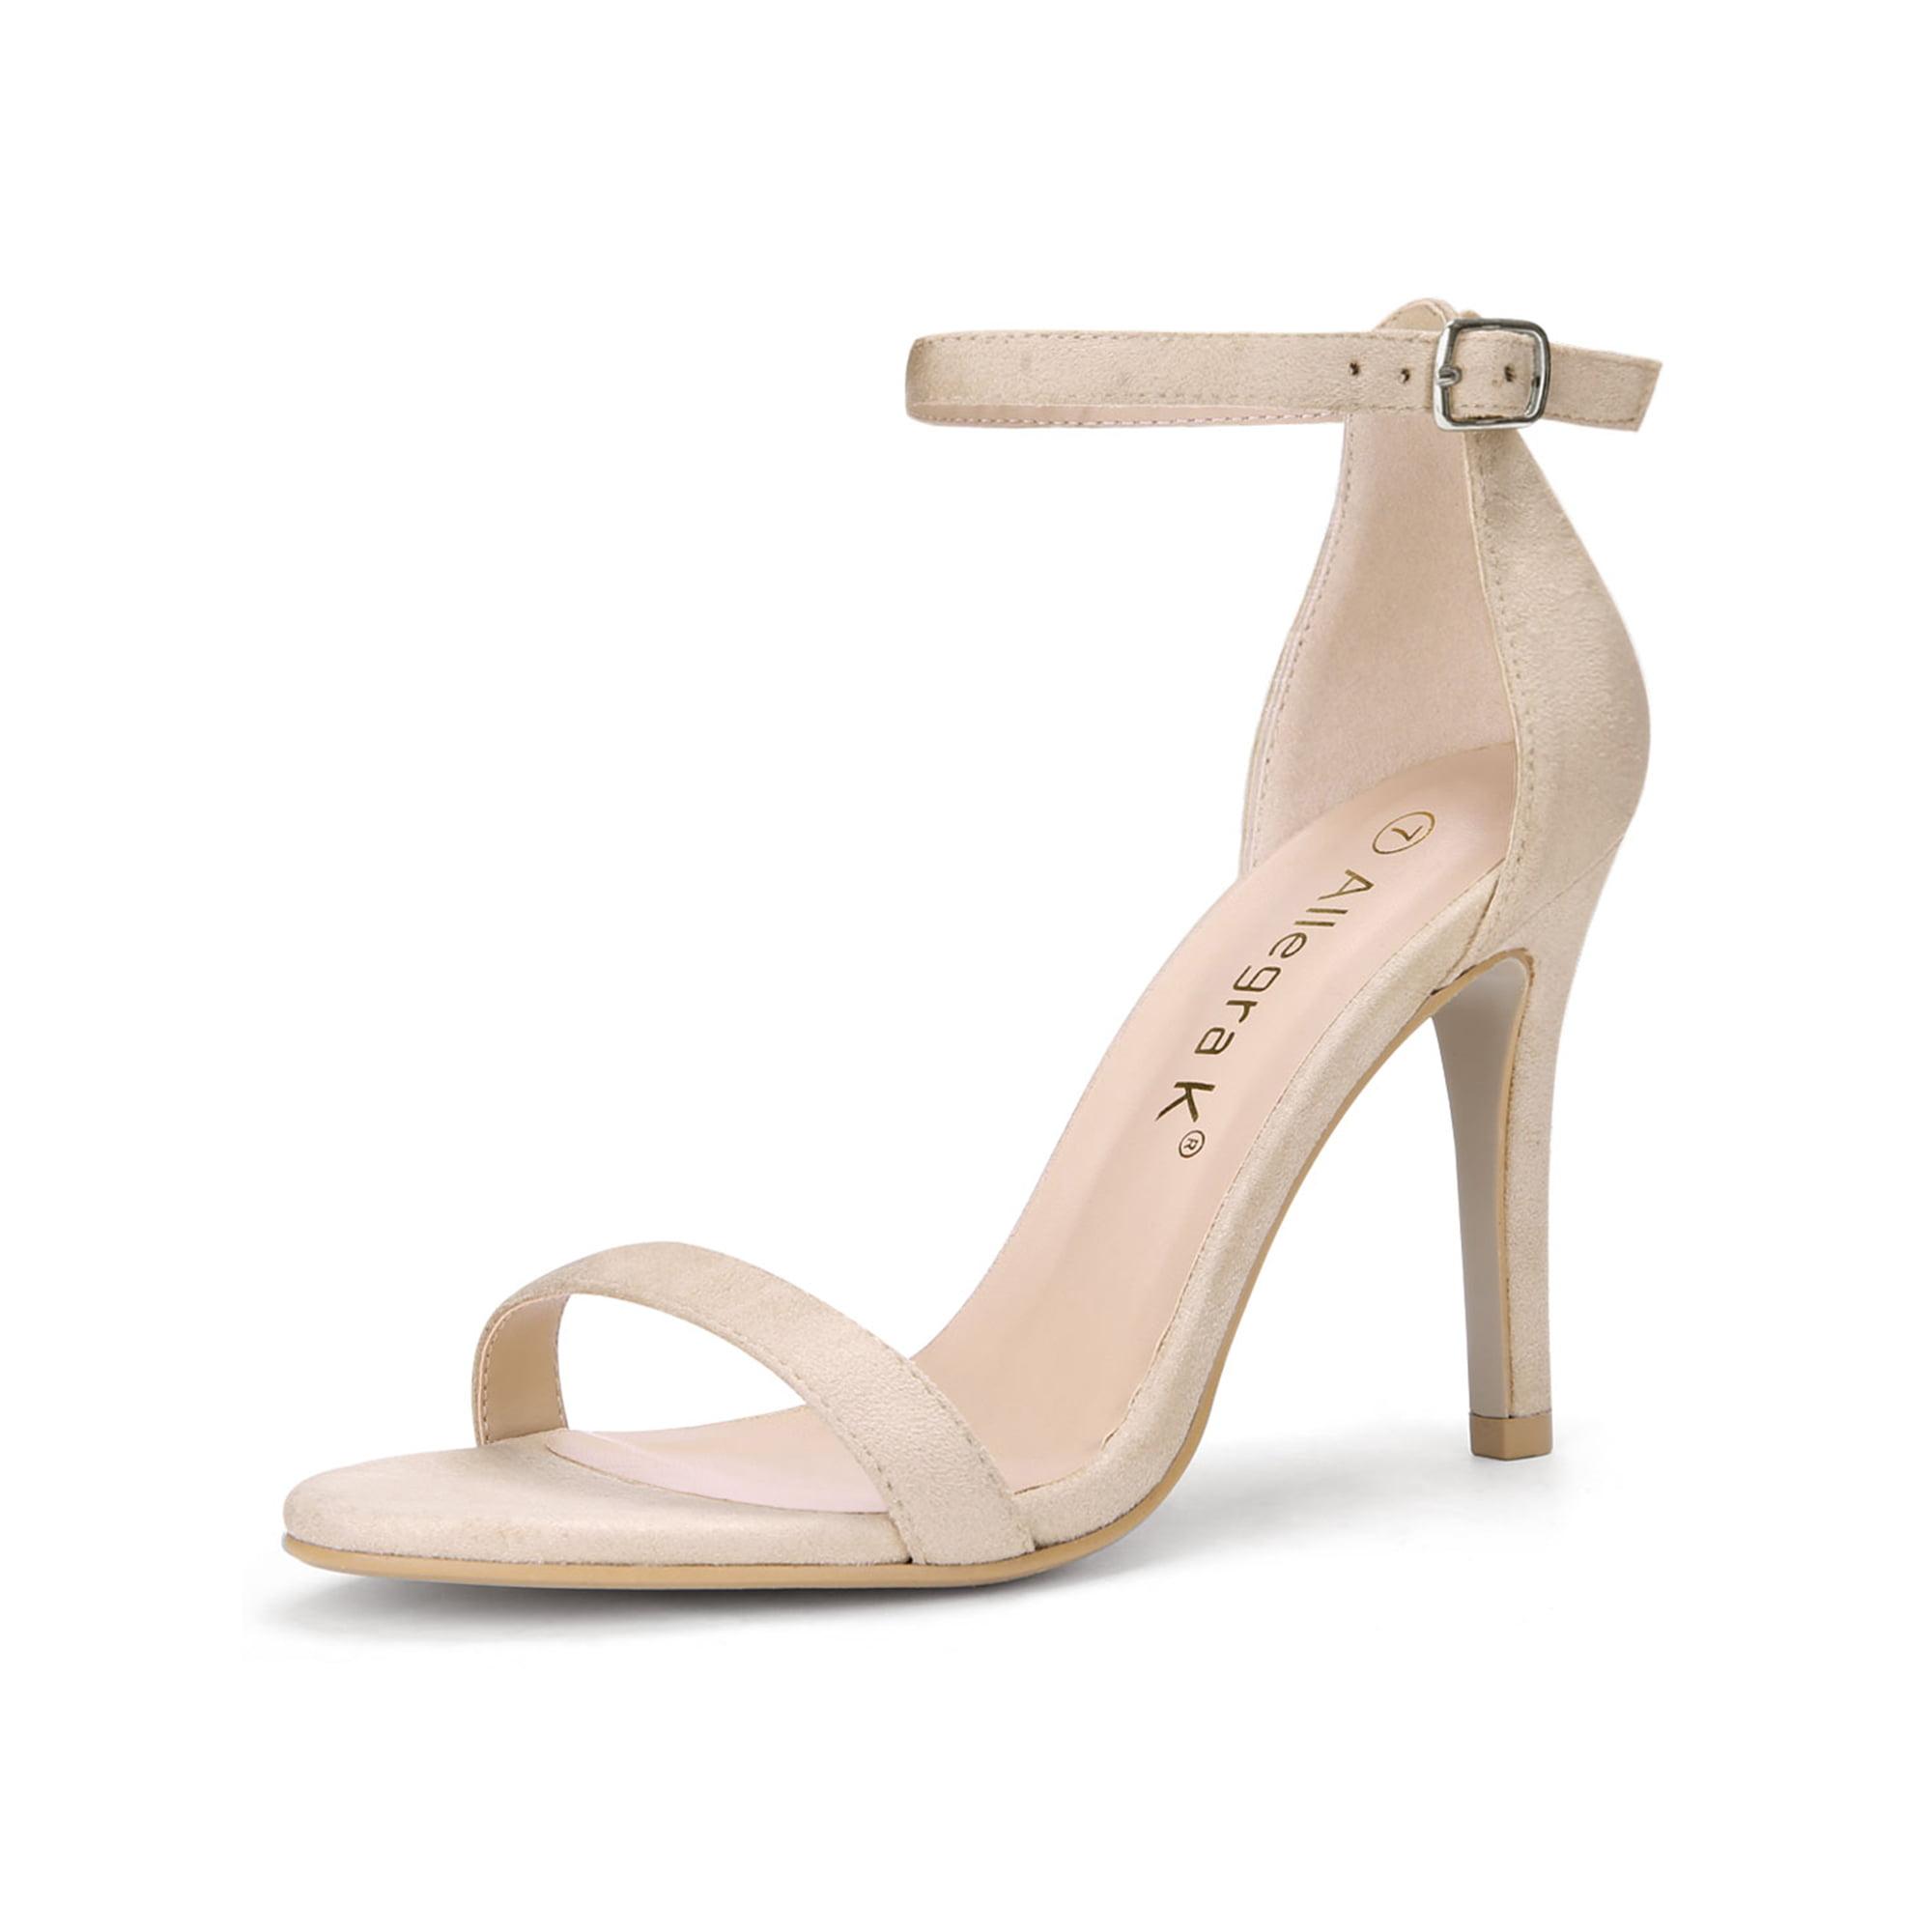 547a017254a89 Allegra K Women Stiletto High Heel Ankle Strap Sandals Beige US 9